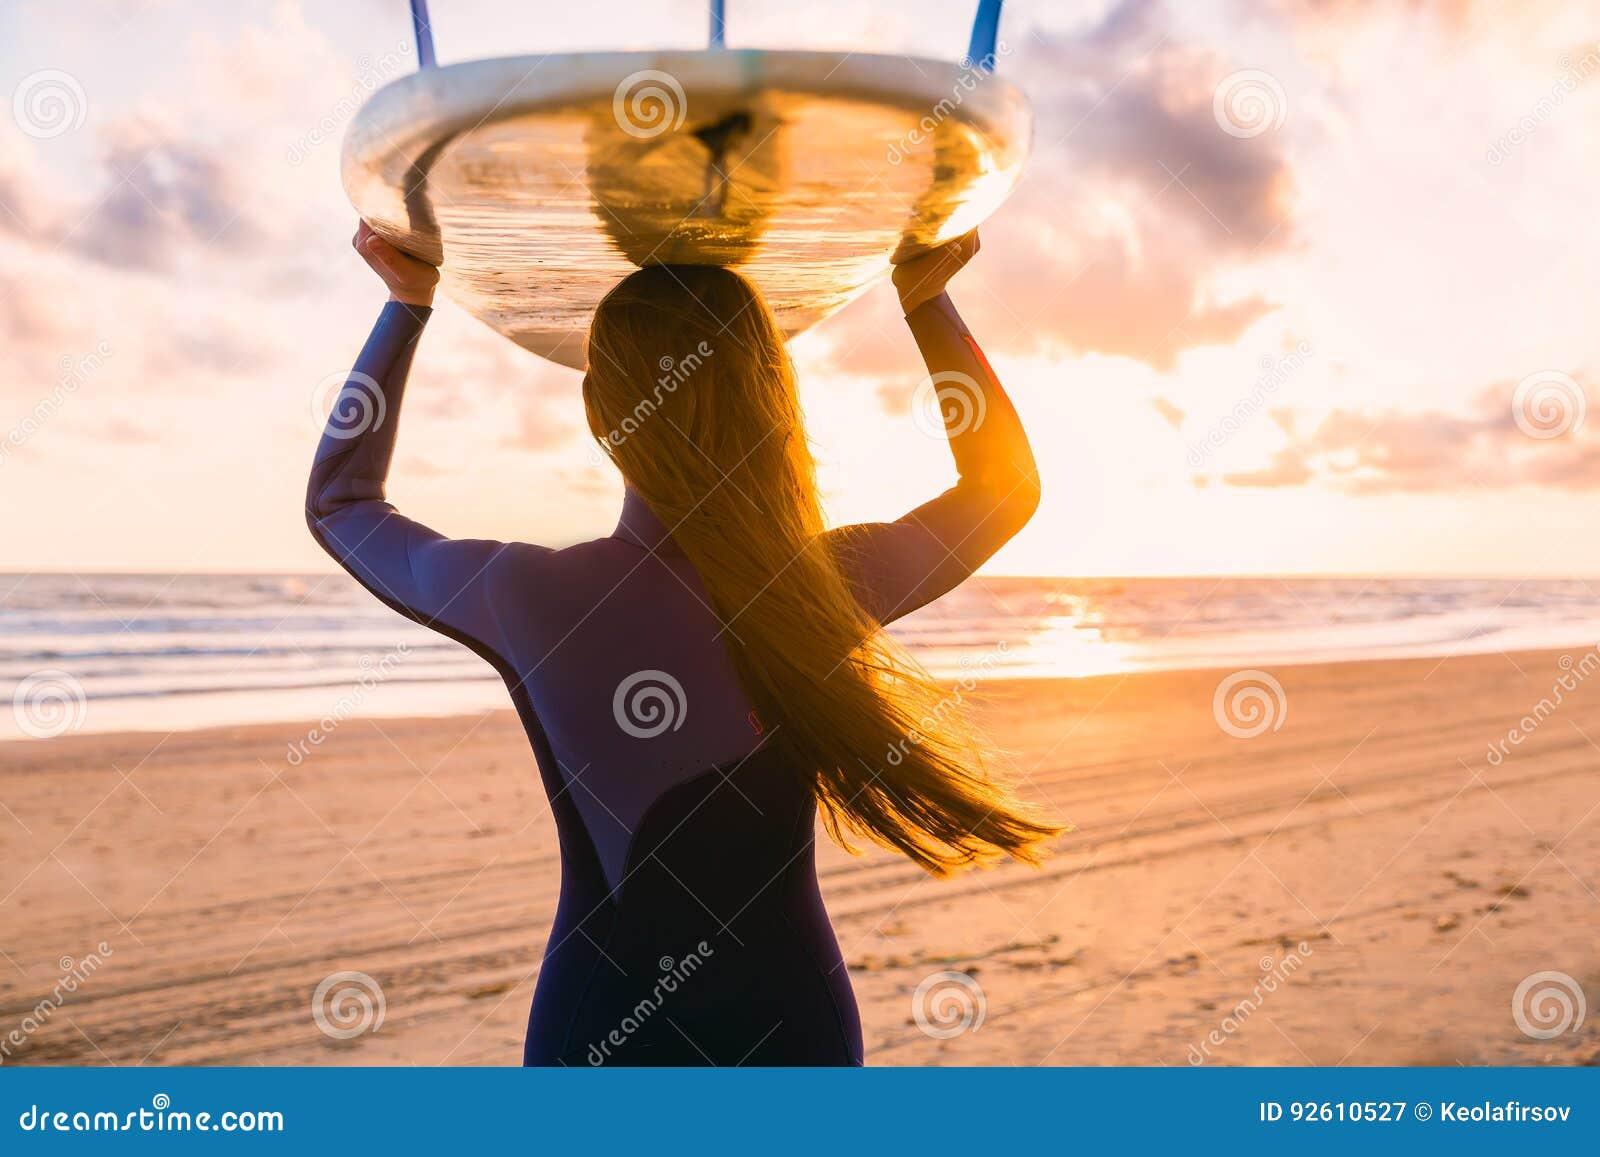 Kipieli dziewczyna z długie włosy iść surfować Kobieta z surfboard na plaży przy zmierzchem lub wschodem słońca Surfingowiec i oc